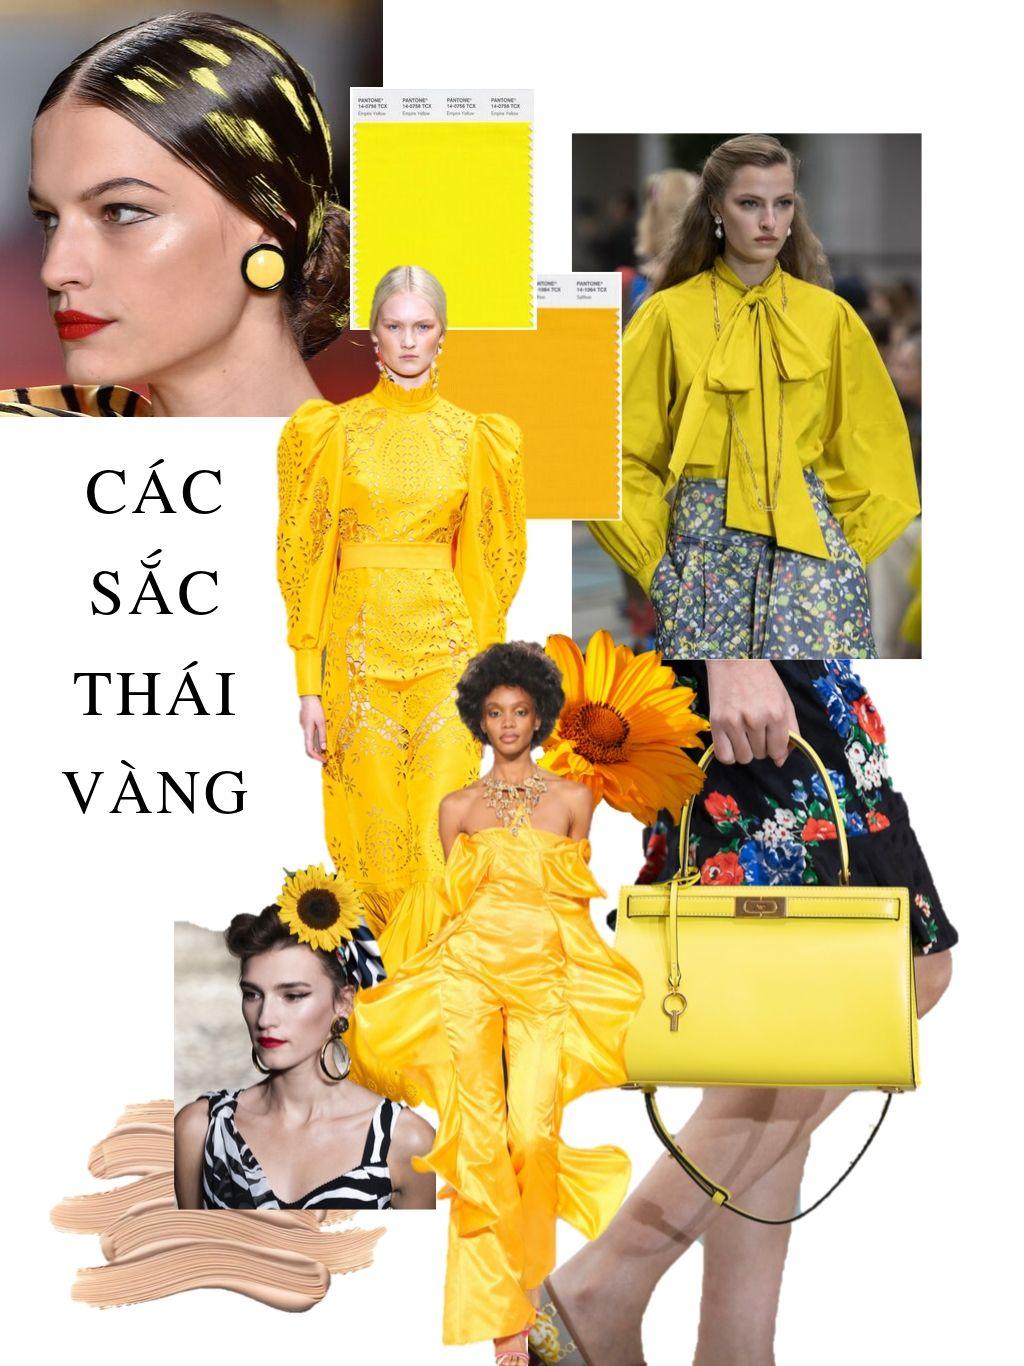 thời trang cung hoàng đạo thiên bình nhiều màu vàng